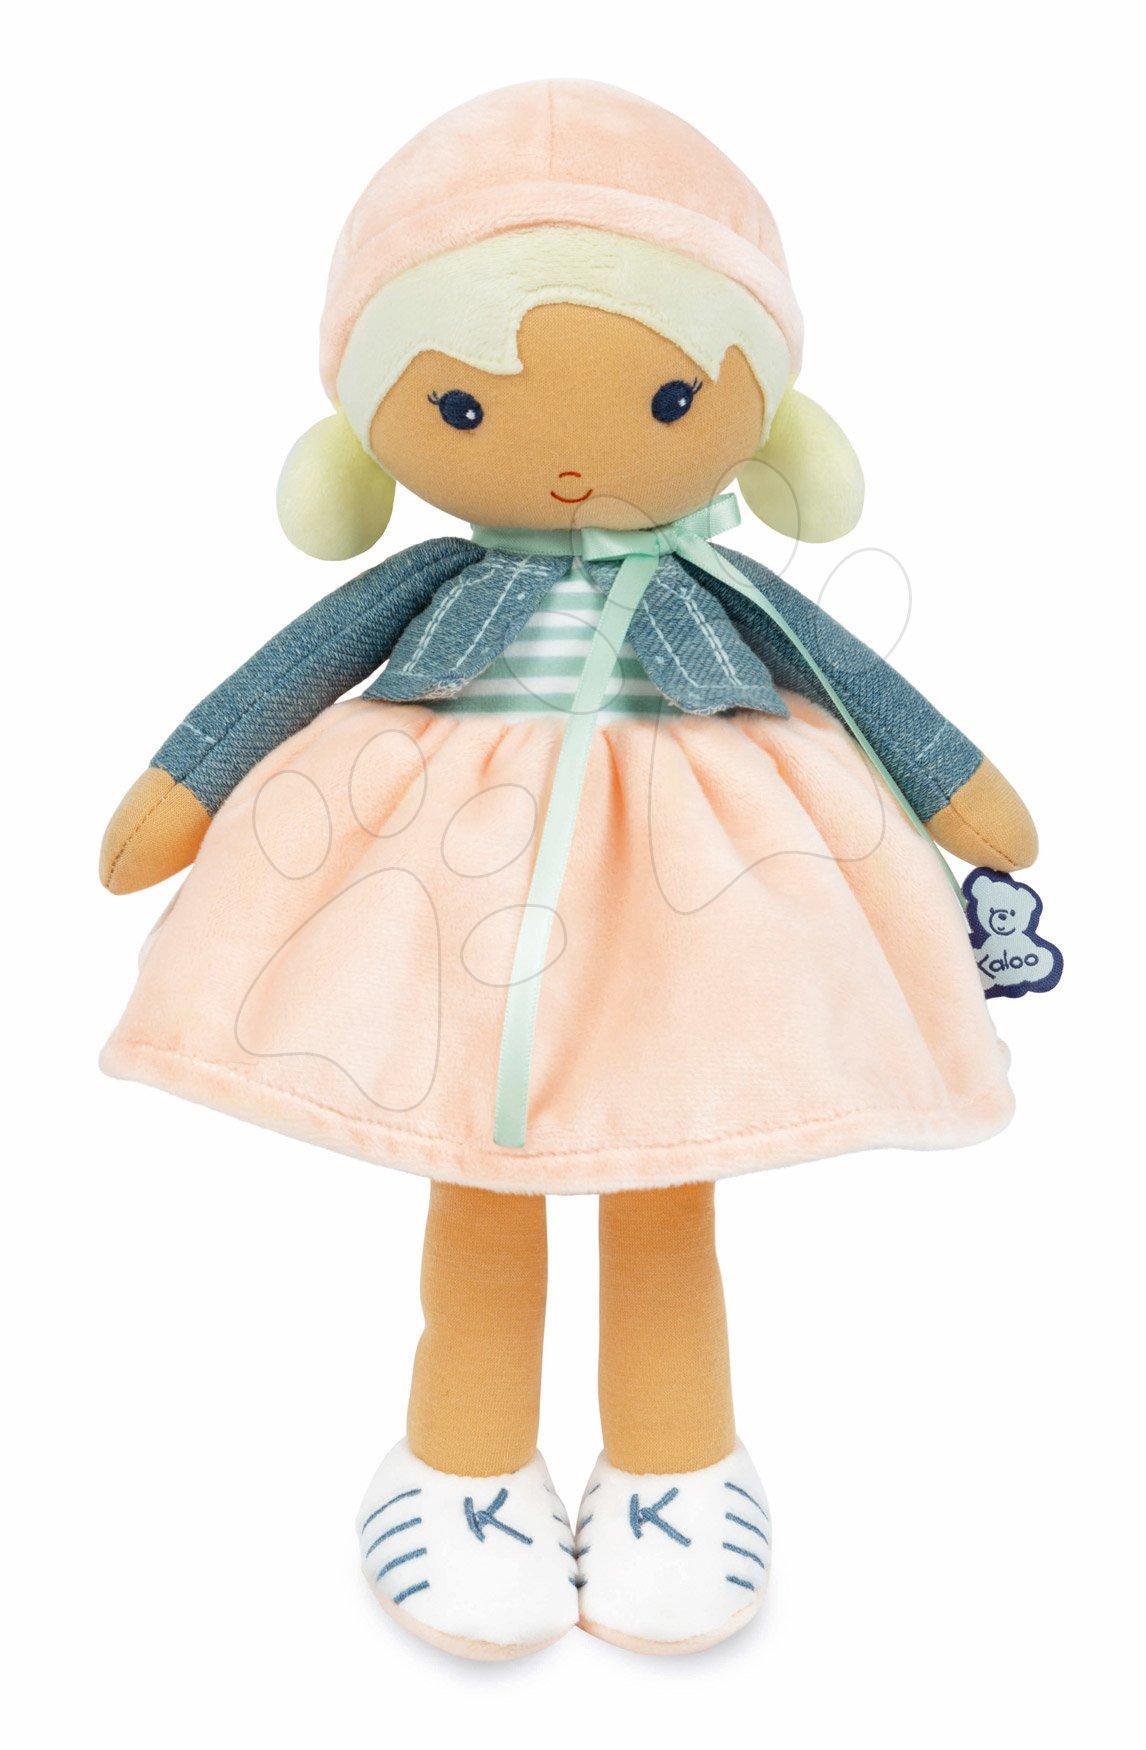 Bábika pre bábätká Chloe K Doll Tendresse Kaloo 25 cm v riflovom kabátiku z jemného textilu v darčekovom balení od 0 mes